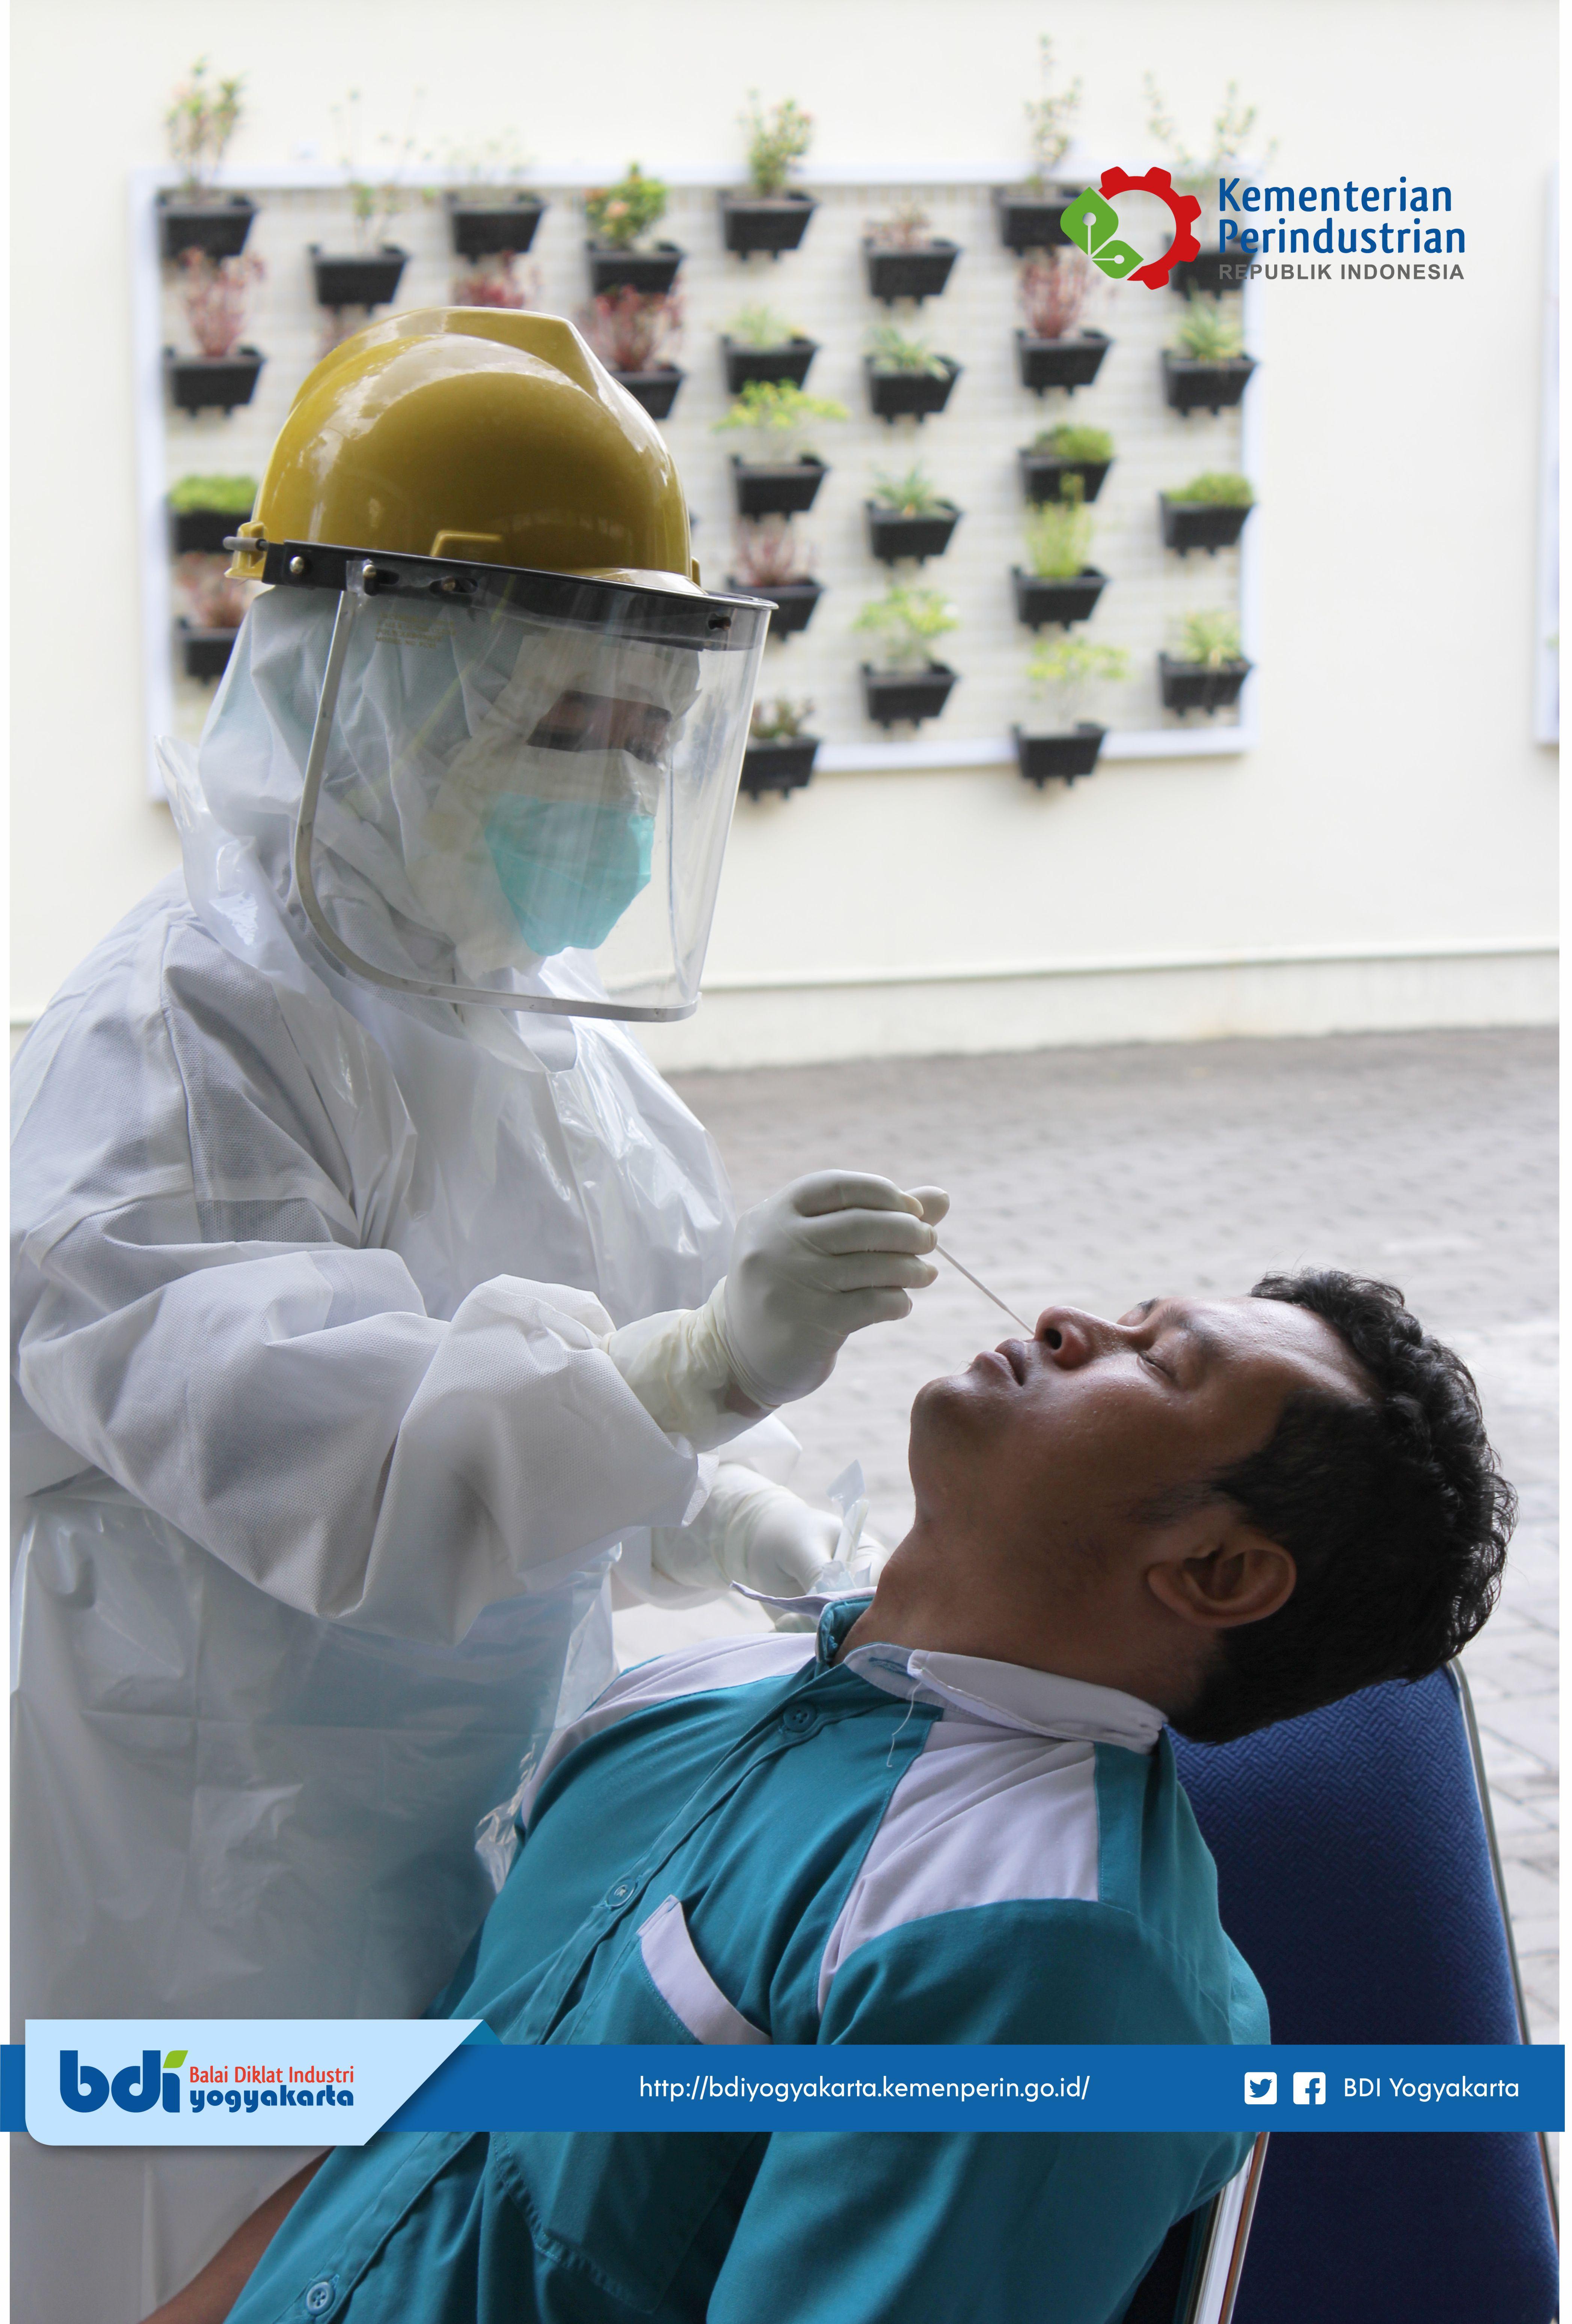 Swab Test di Lingkungan BDI Yogyakarta